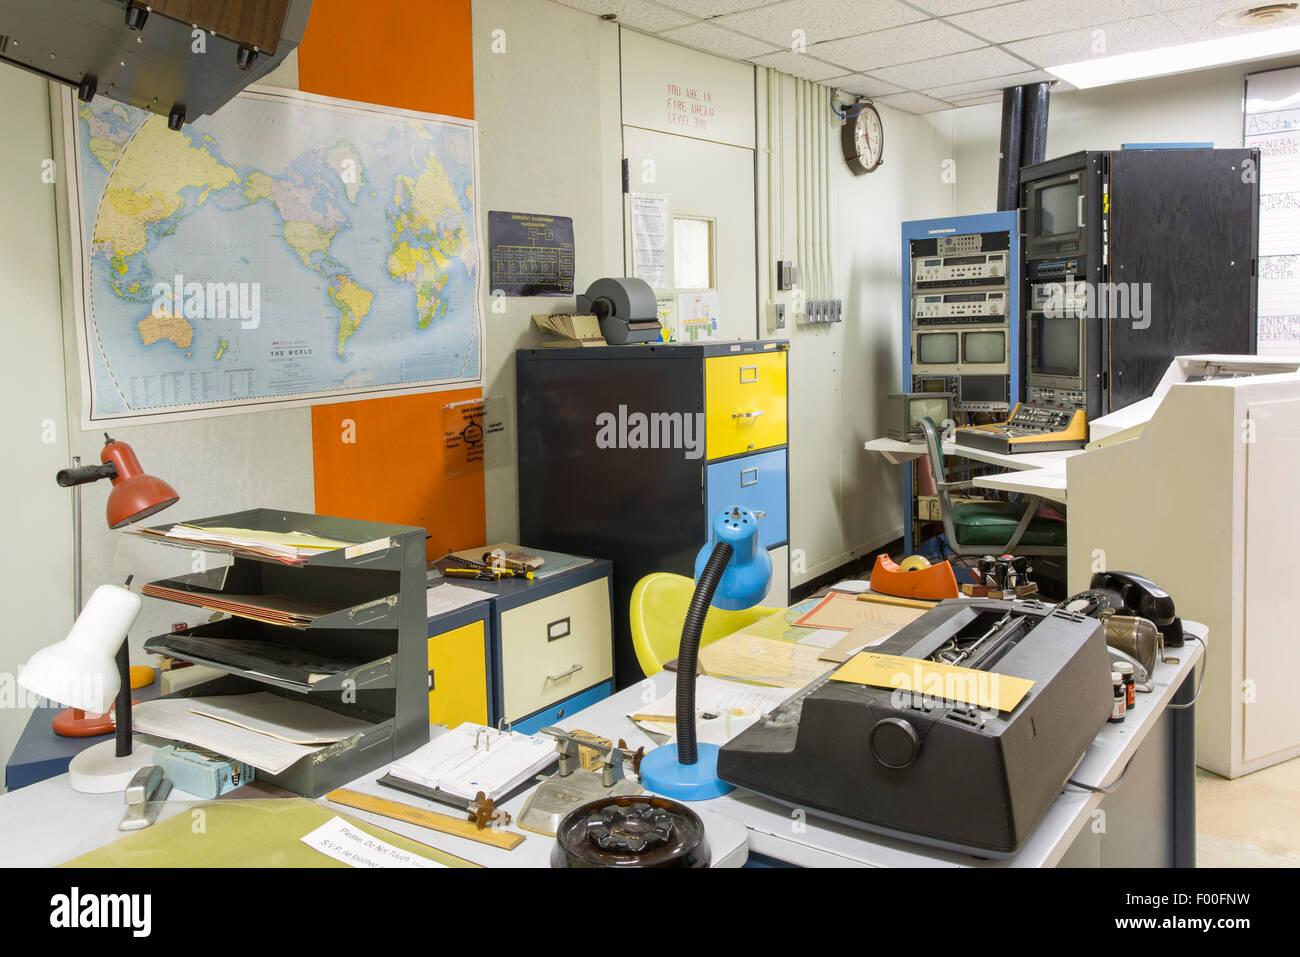 Ontario,Canadá,carpas,Diefenbunker, Canadá es el Museo de la guerra fría,Office Imagen De Stock